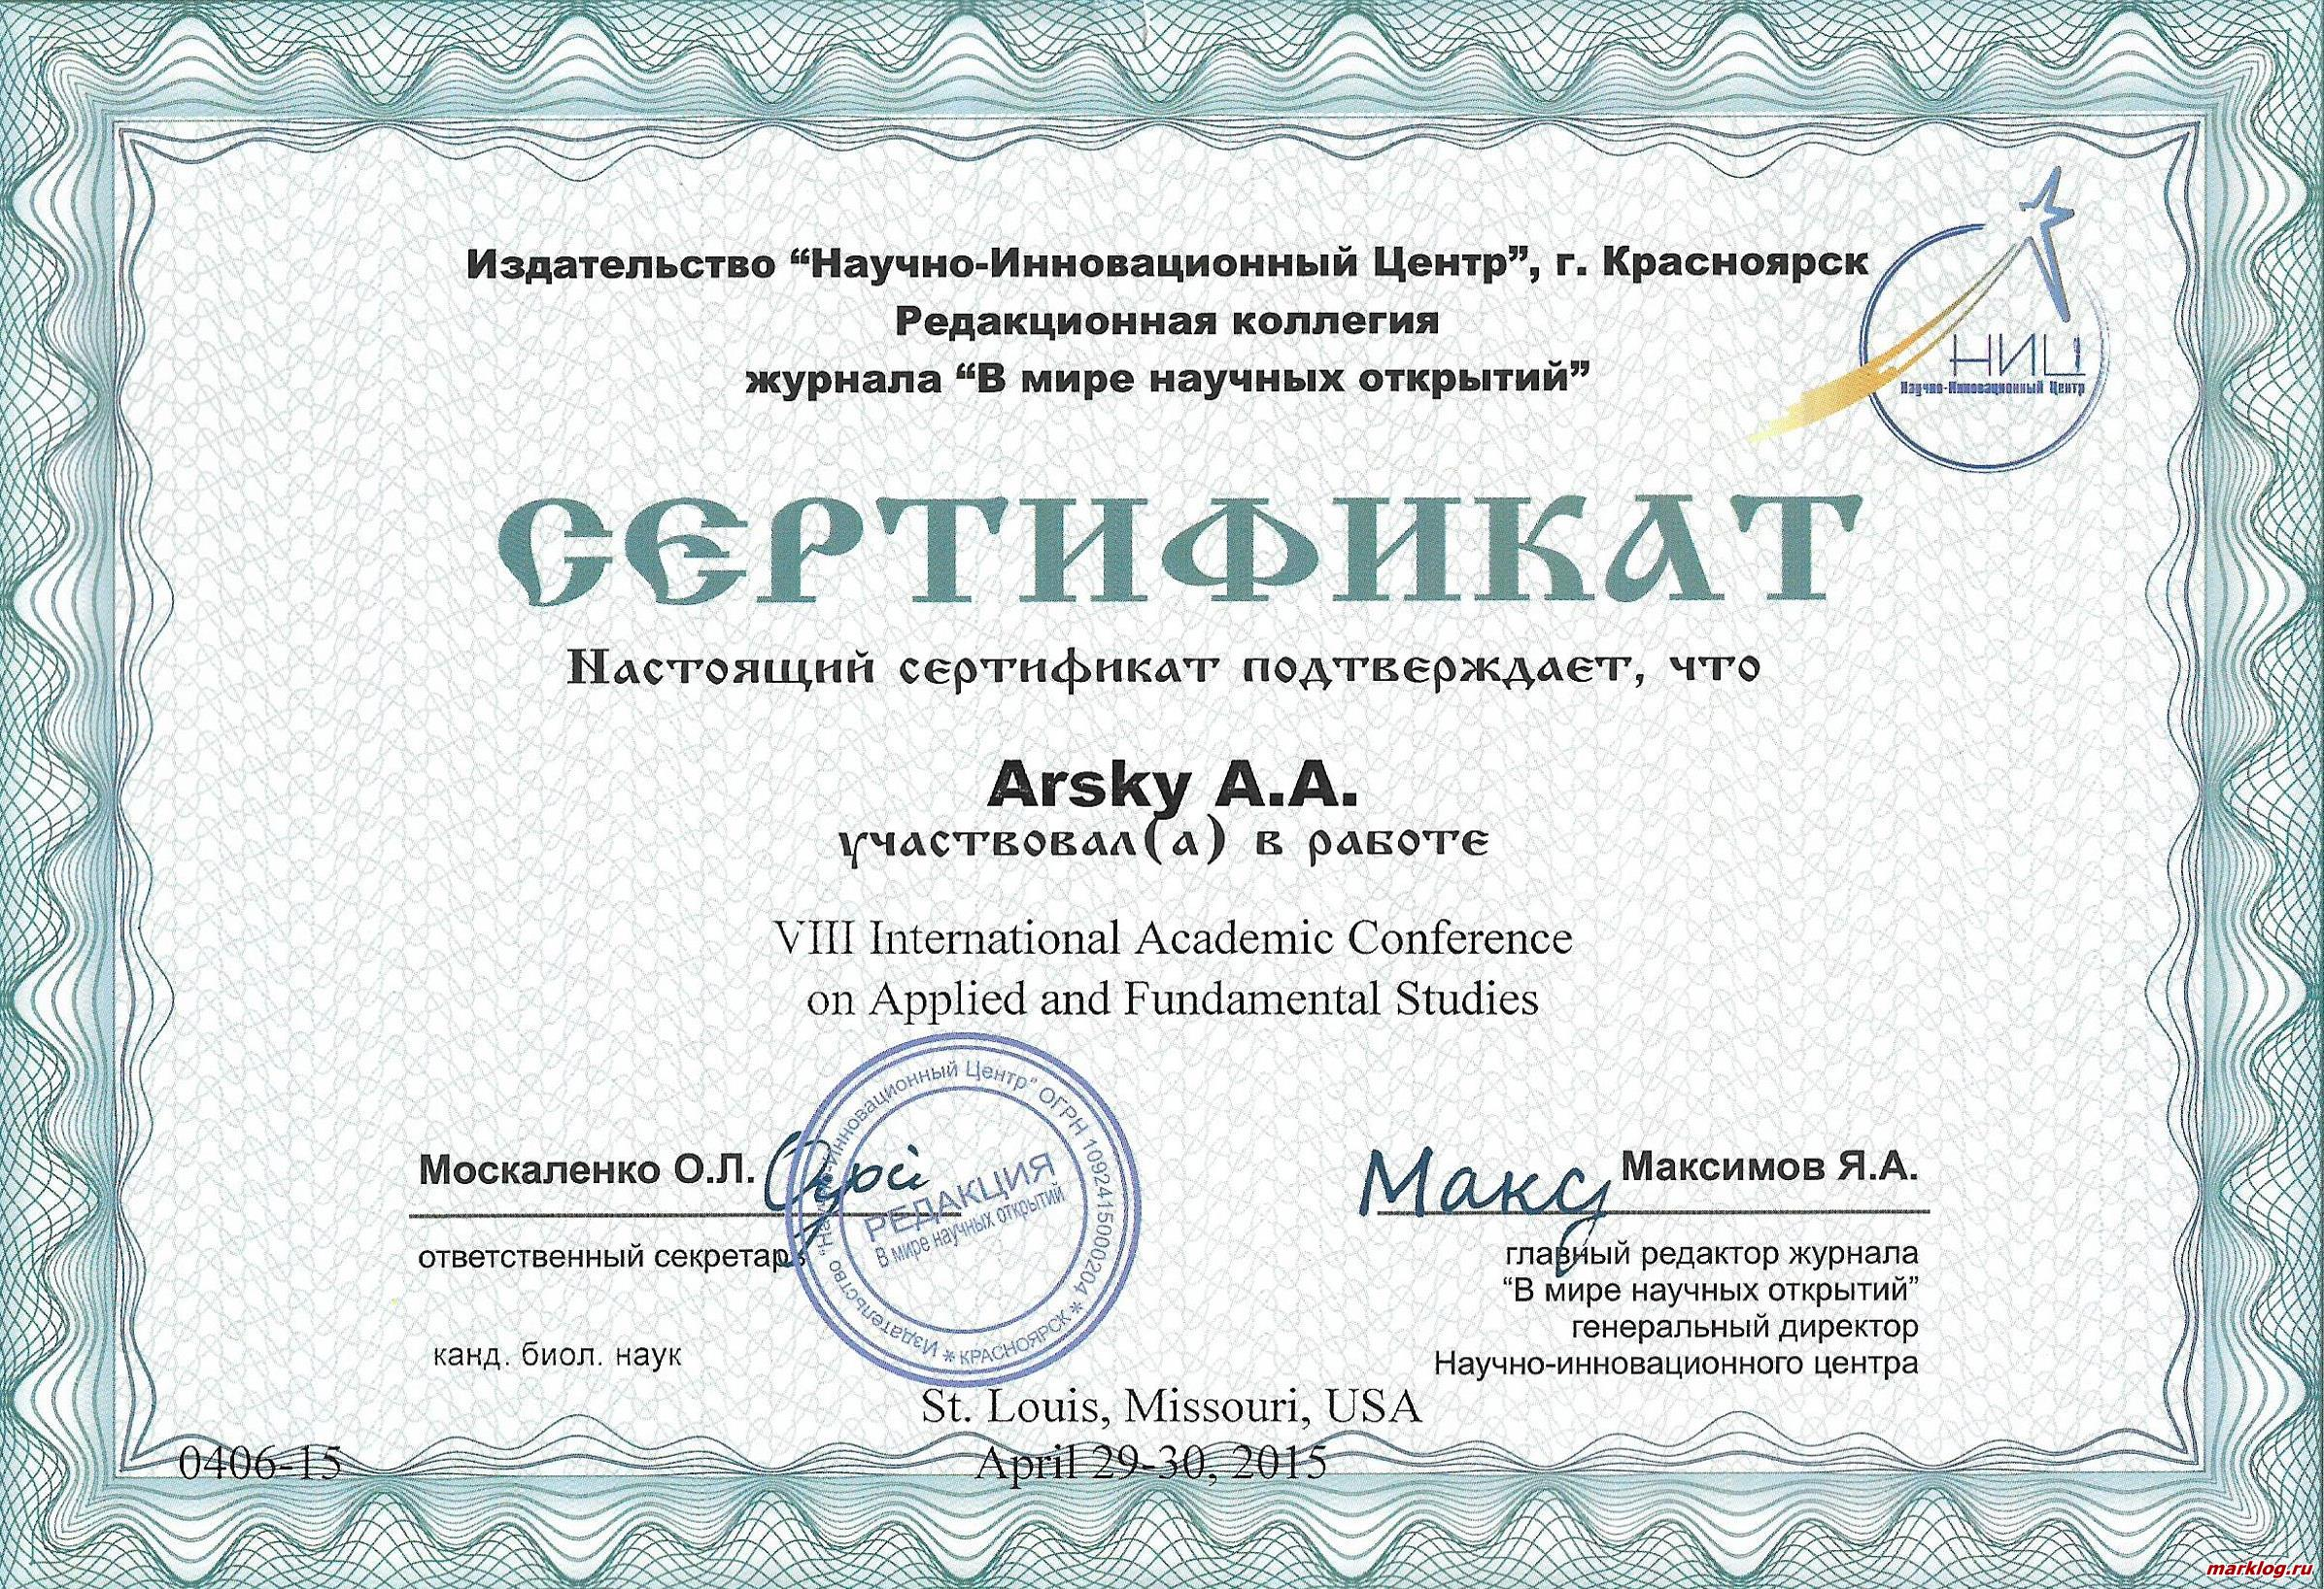 Арский сертификат конференции